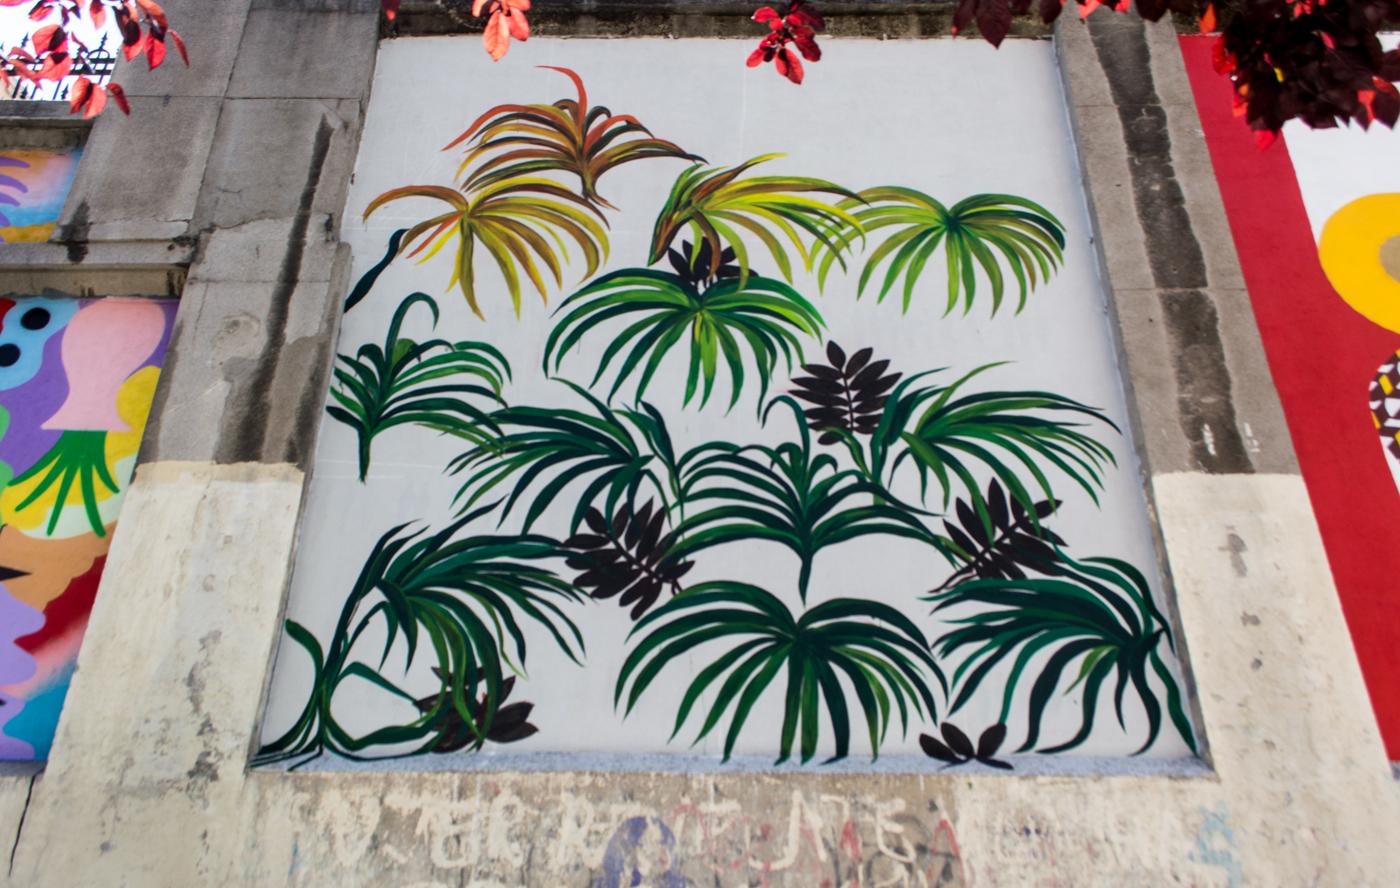 Btoy - MurosTabacalera by Guillermo de la Madrid - Madrid Street Art Project final -004.jpg